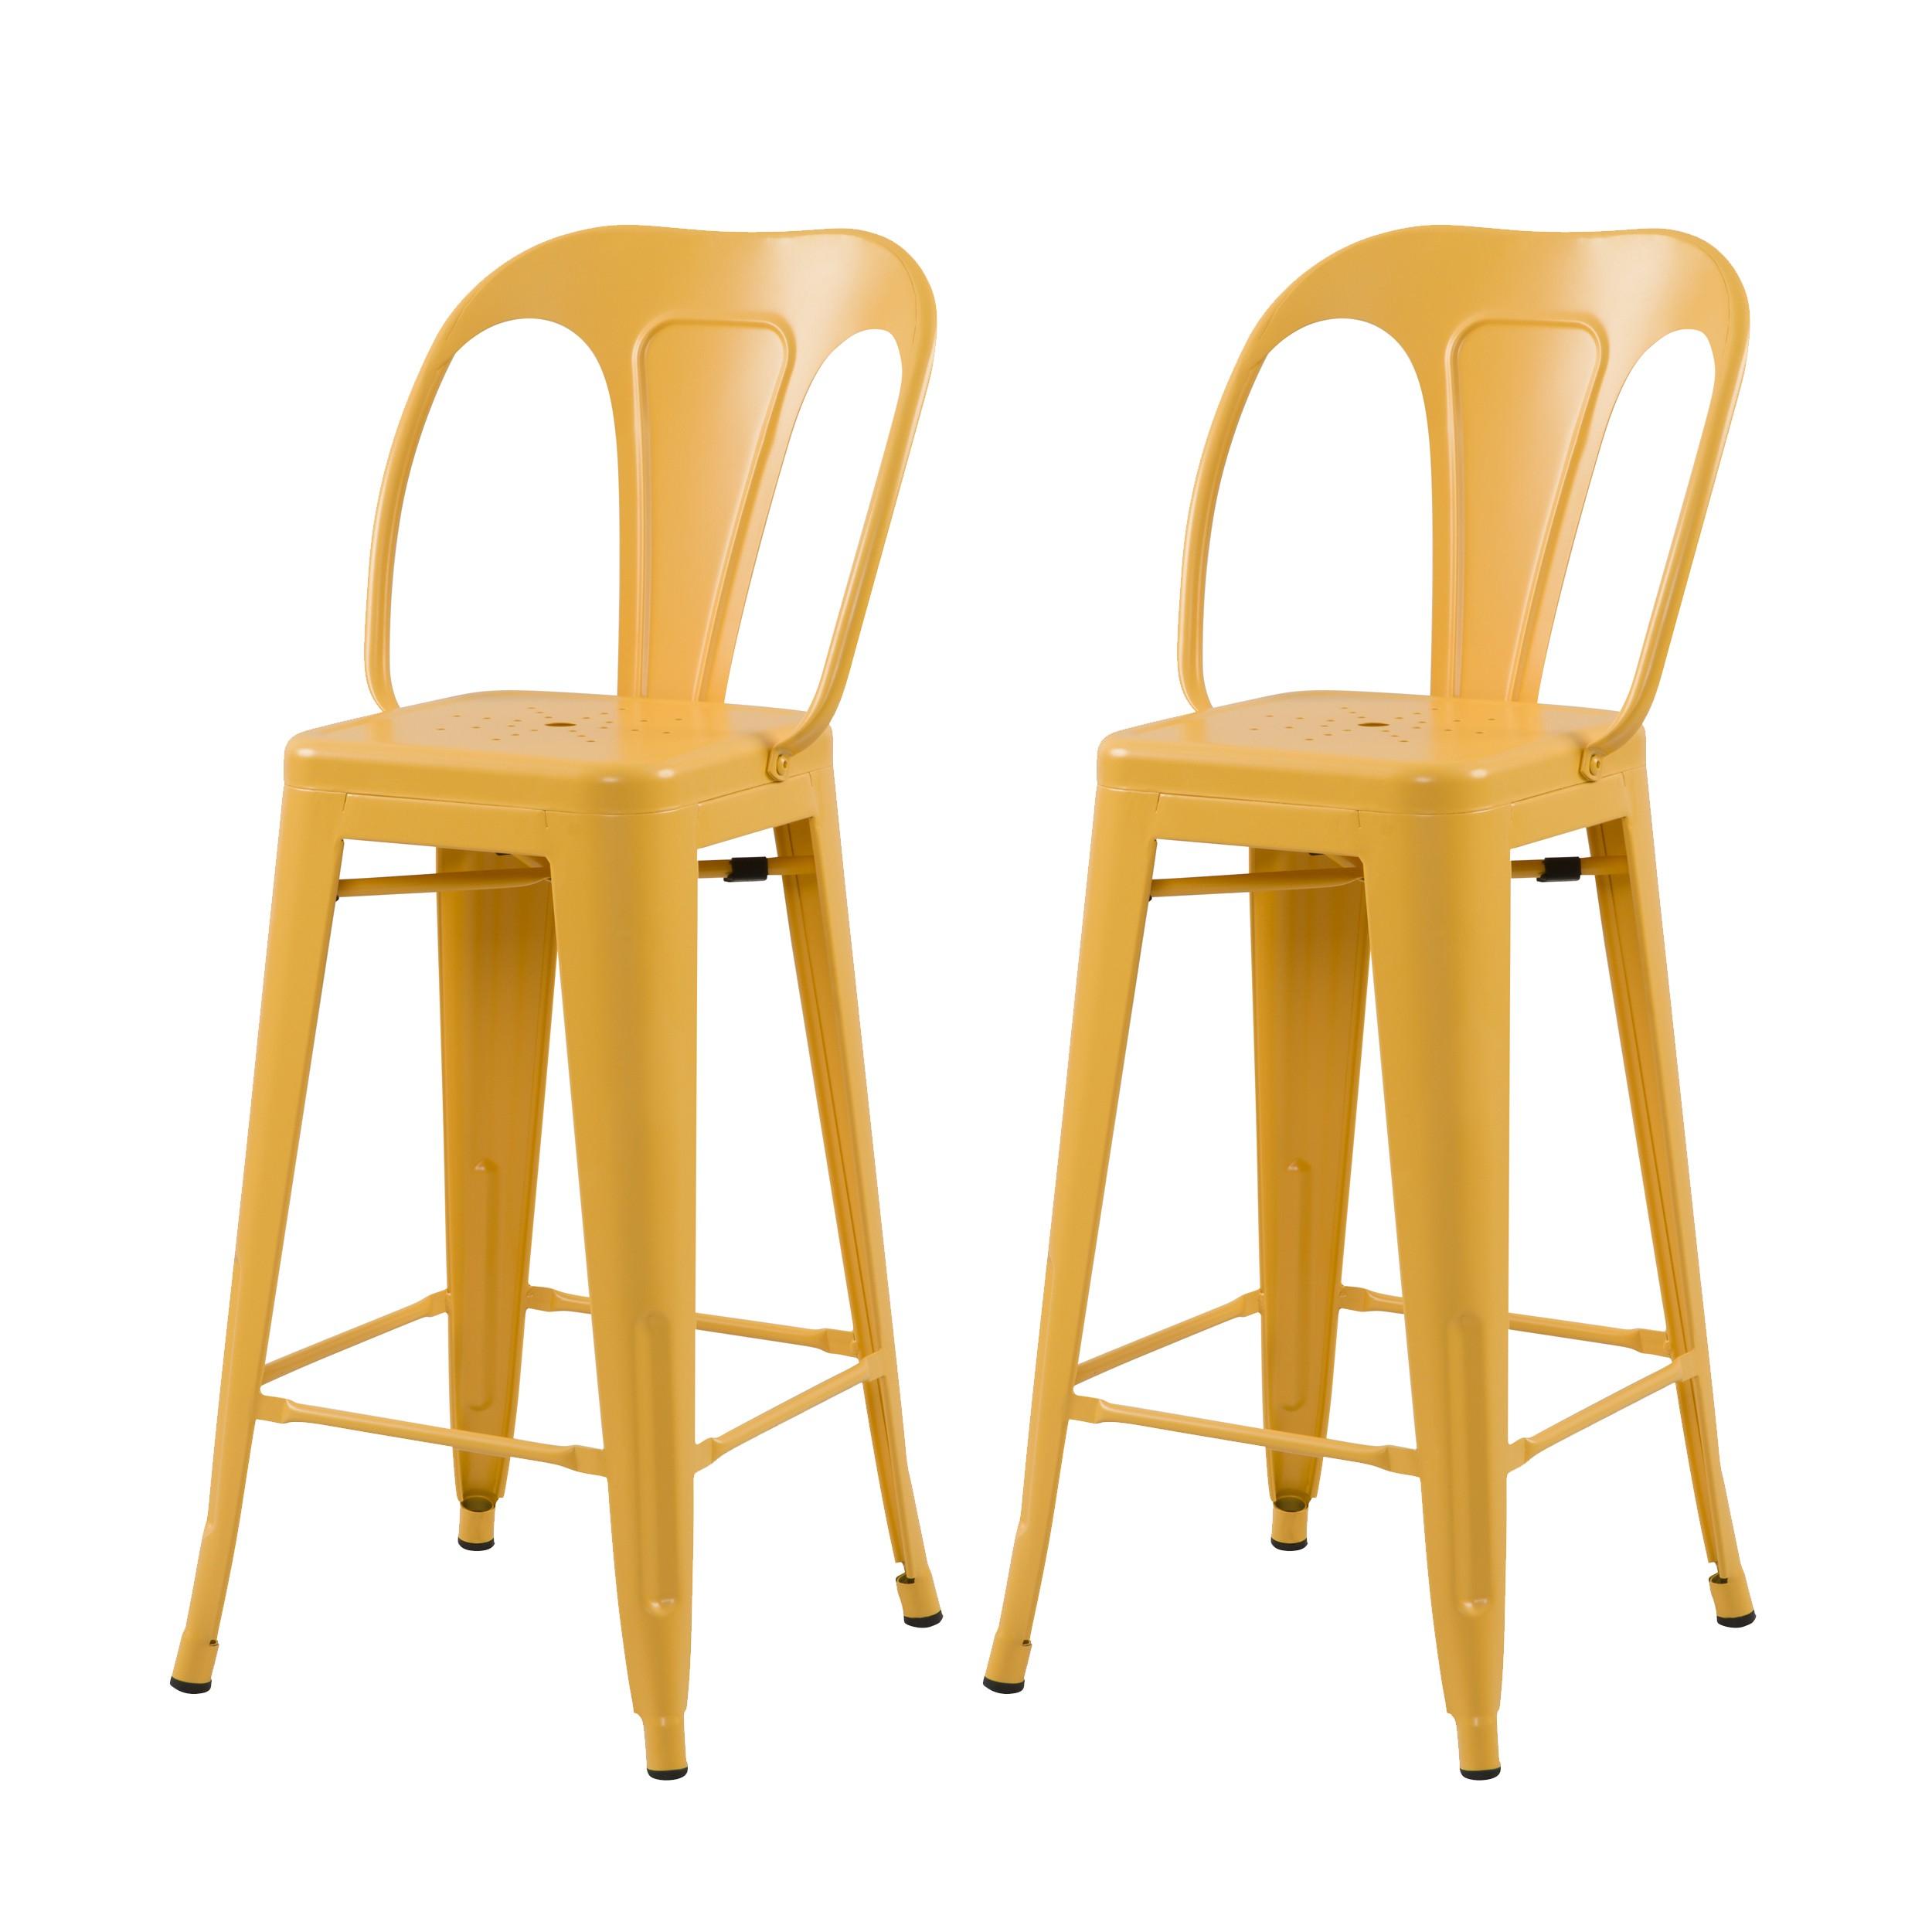 acheter chaise de bar jaune lot de 2